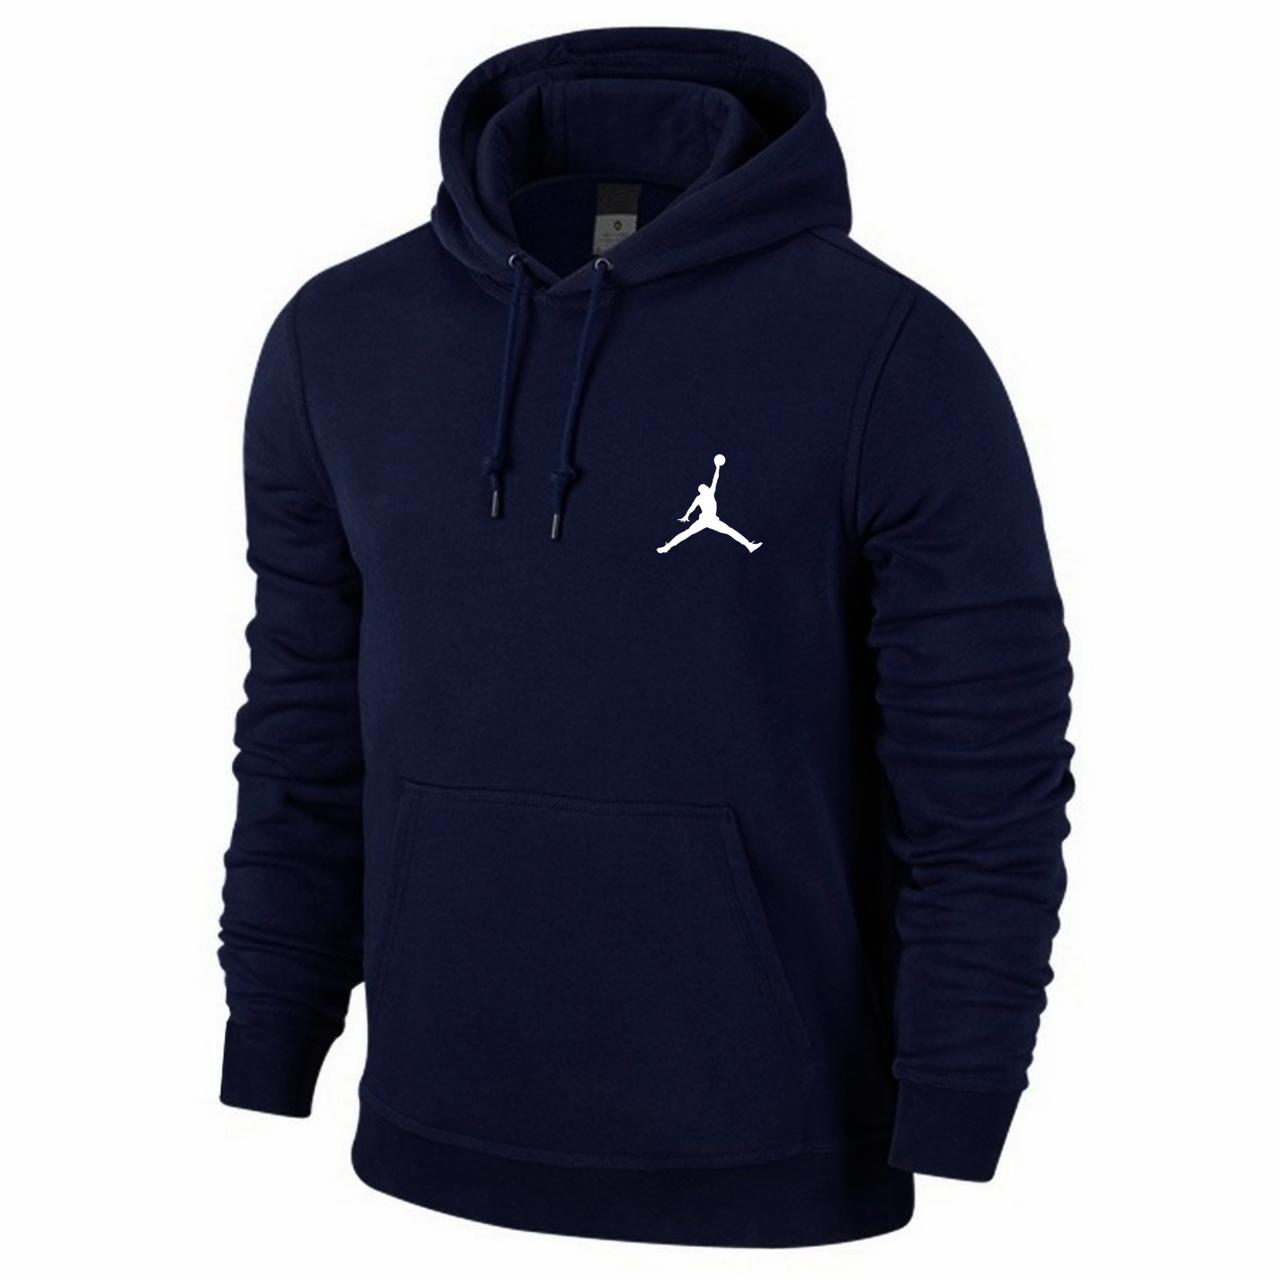 Мужская спортивная кофта кенгуру, толстовка Jordan (Джордан) синяя